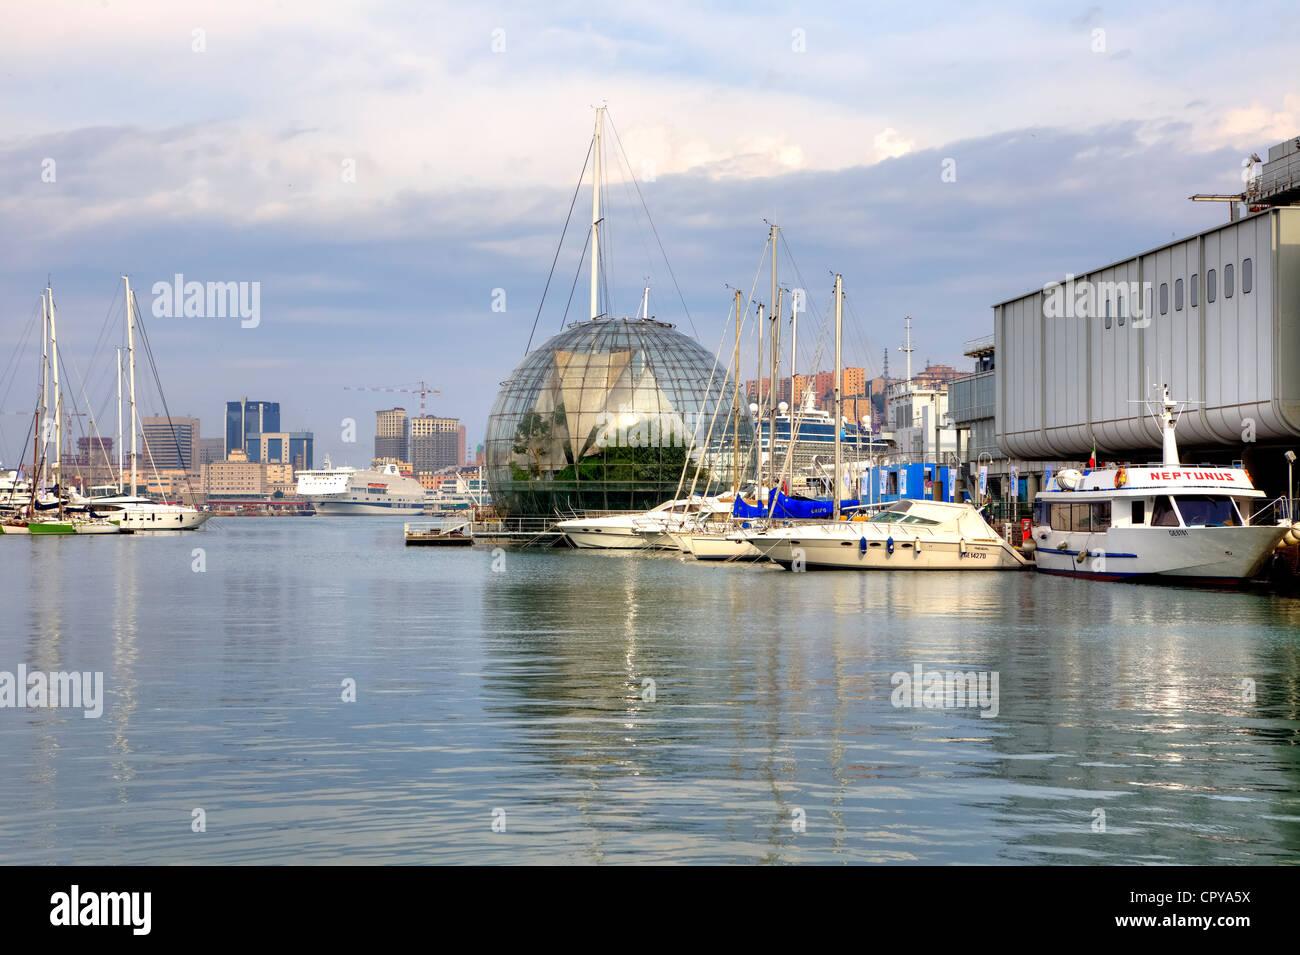 Biosphäre, Porto Antico, Genua, Ligurien, Italien Stockbild